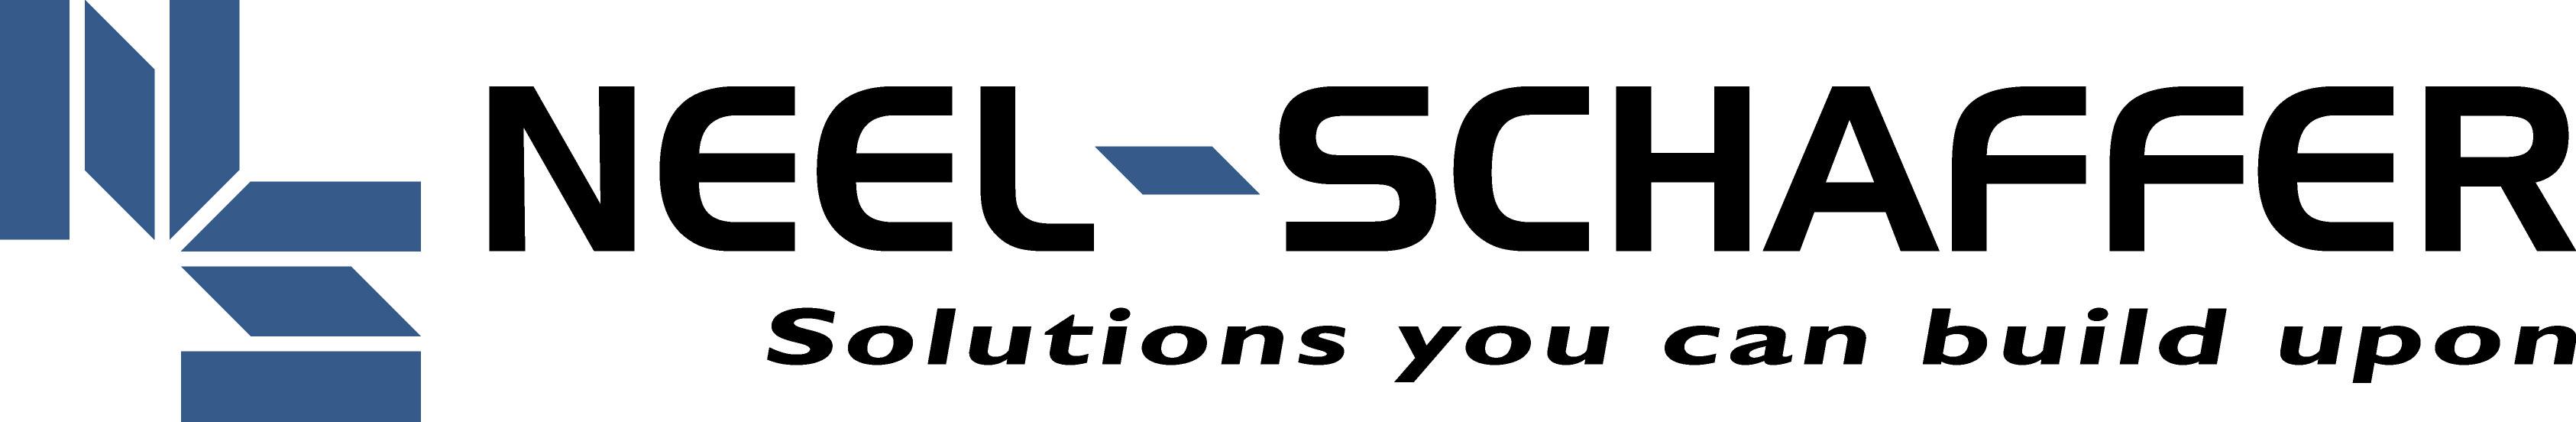 Neel Schaffer logo (https://www.neel-schaffer.com/)